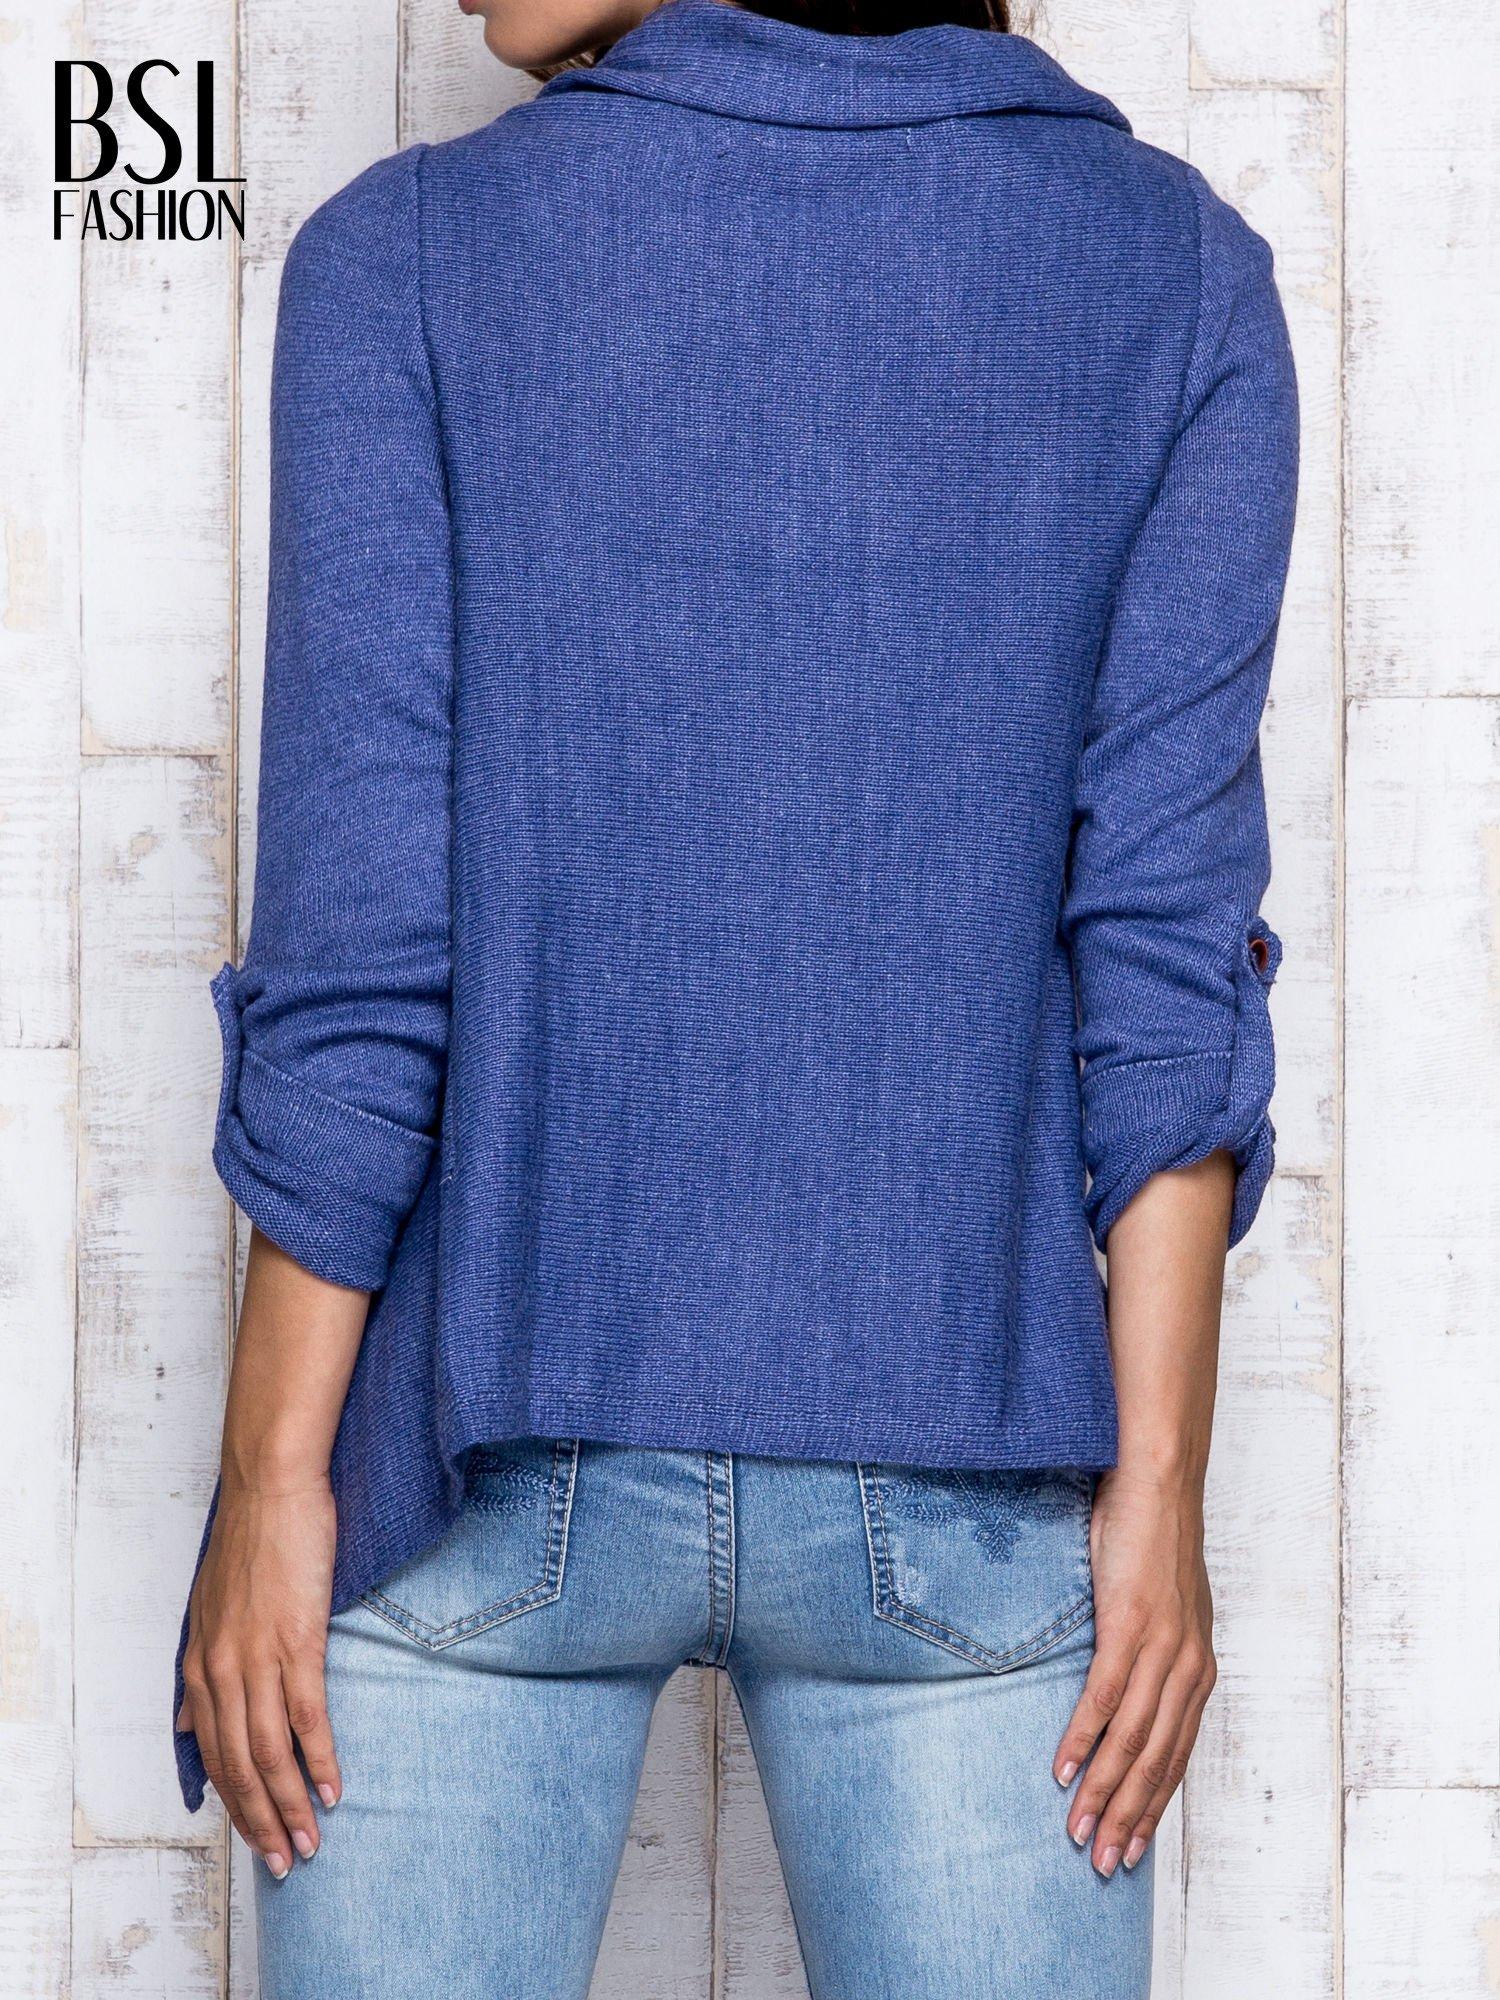 Ciemnoniebieski otwarty sweter z podwijanymi rękawami                                  zdj.                                  2